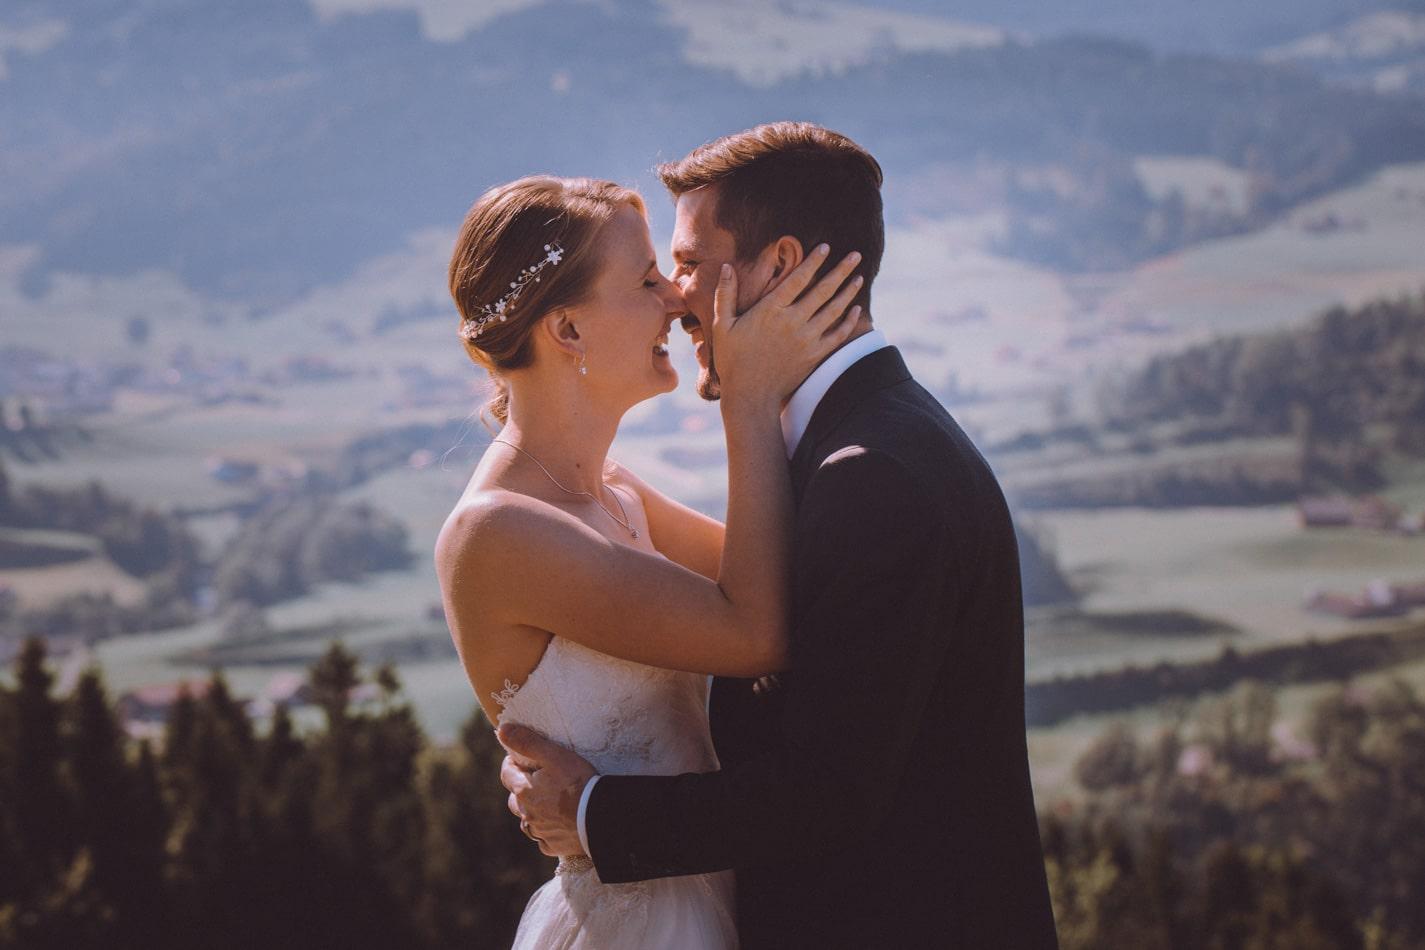 Romantische Hochzeit in Appenzell, Schweiz